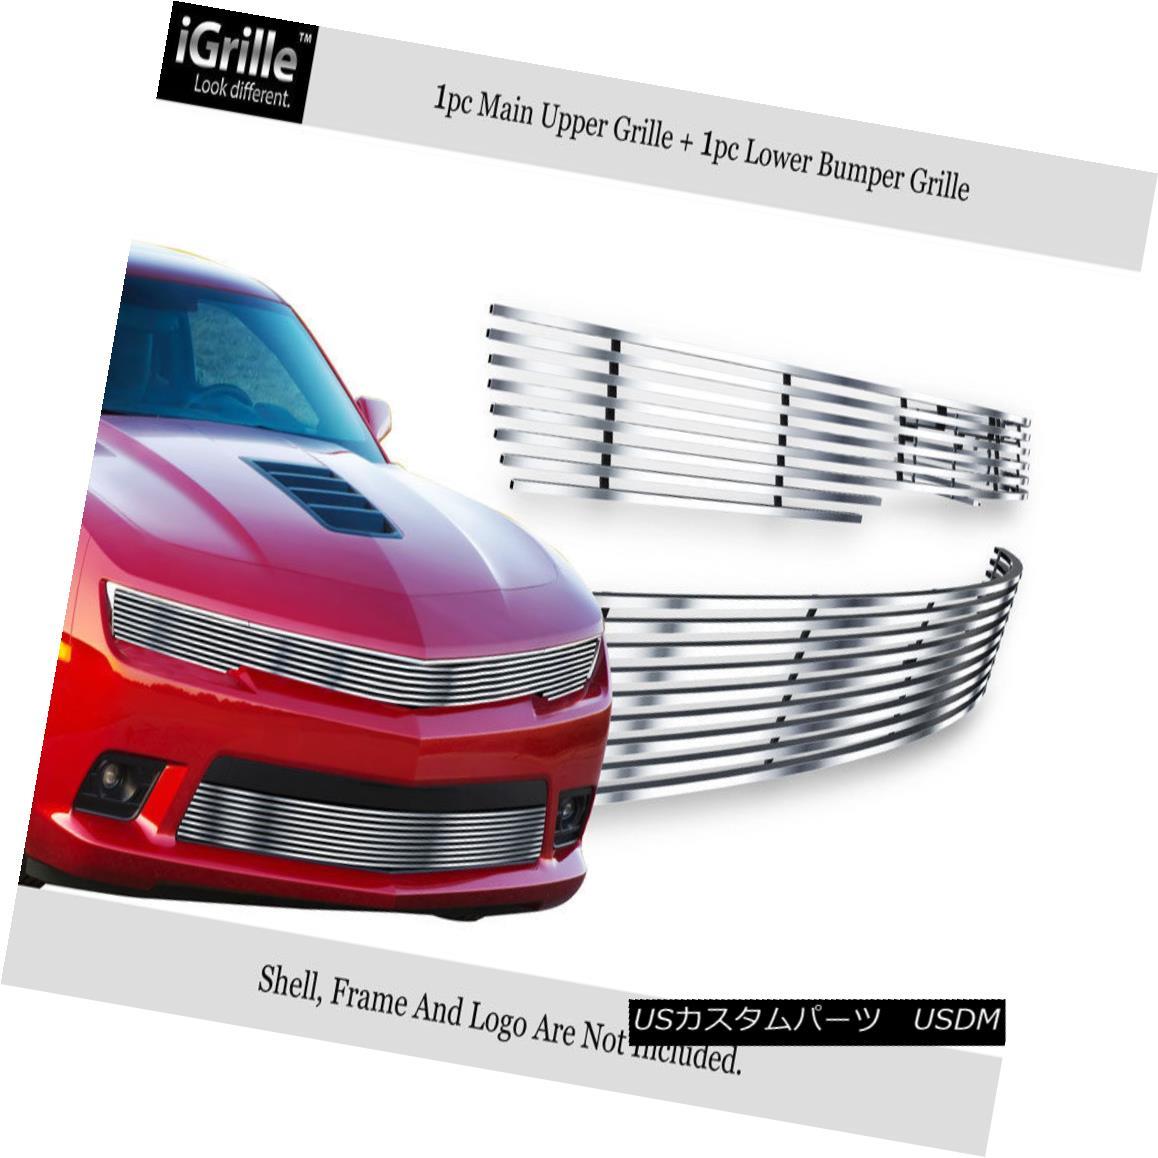 グリル Fits 2014-2015 Chevy Camaro LS/LT W/RS Package Phantom Style Billet Grille Combo フィット2014-2015シボレーカマロLS / LT W / RSパッケージファントムスタイルビレットグリルコンボ